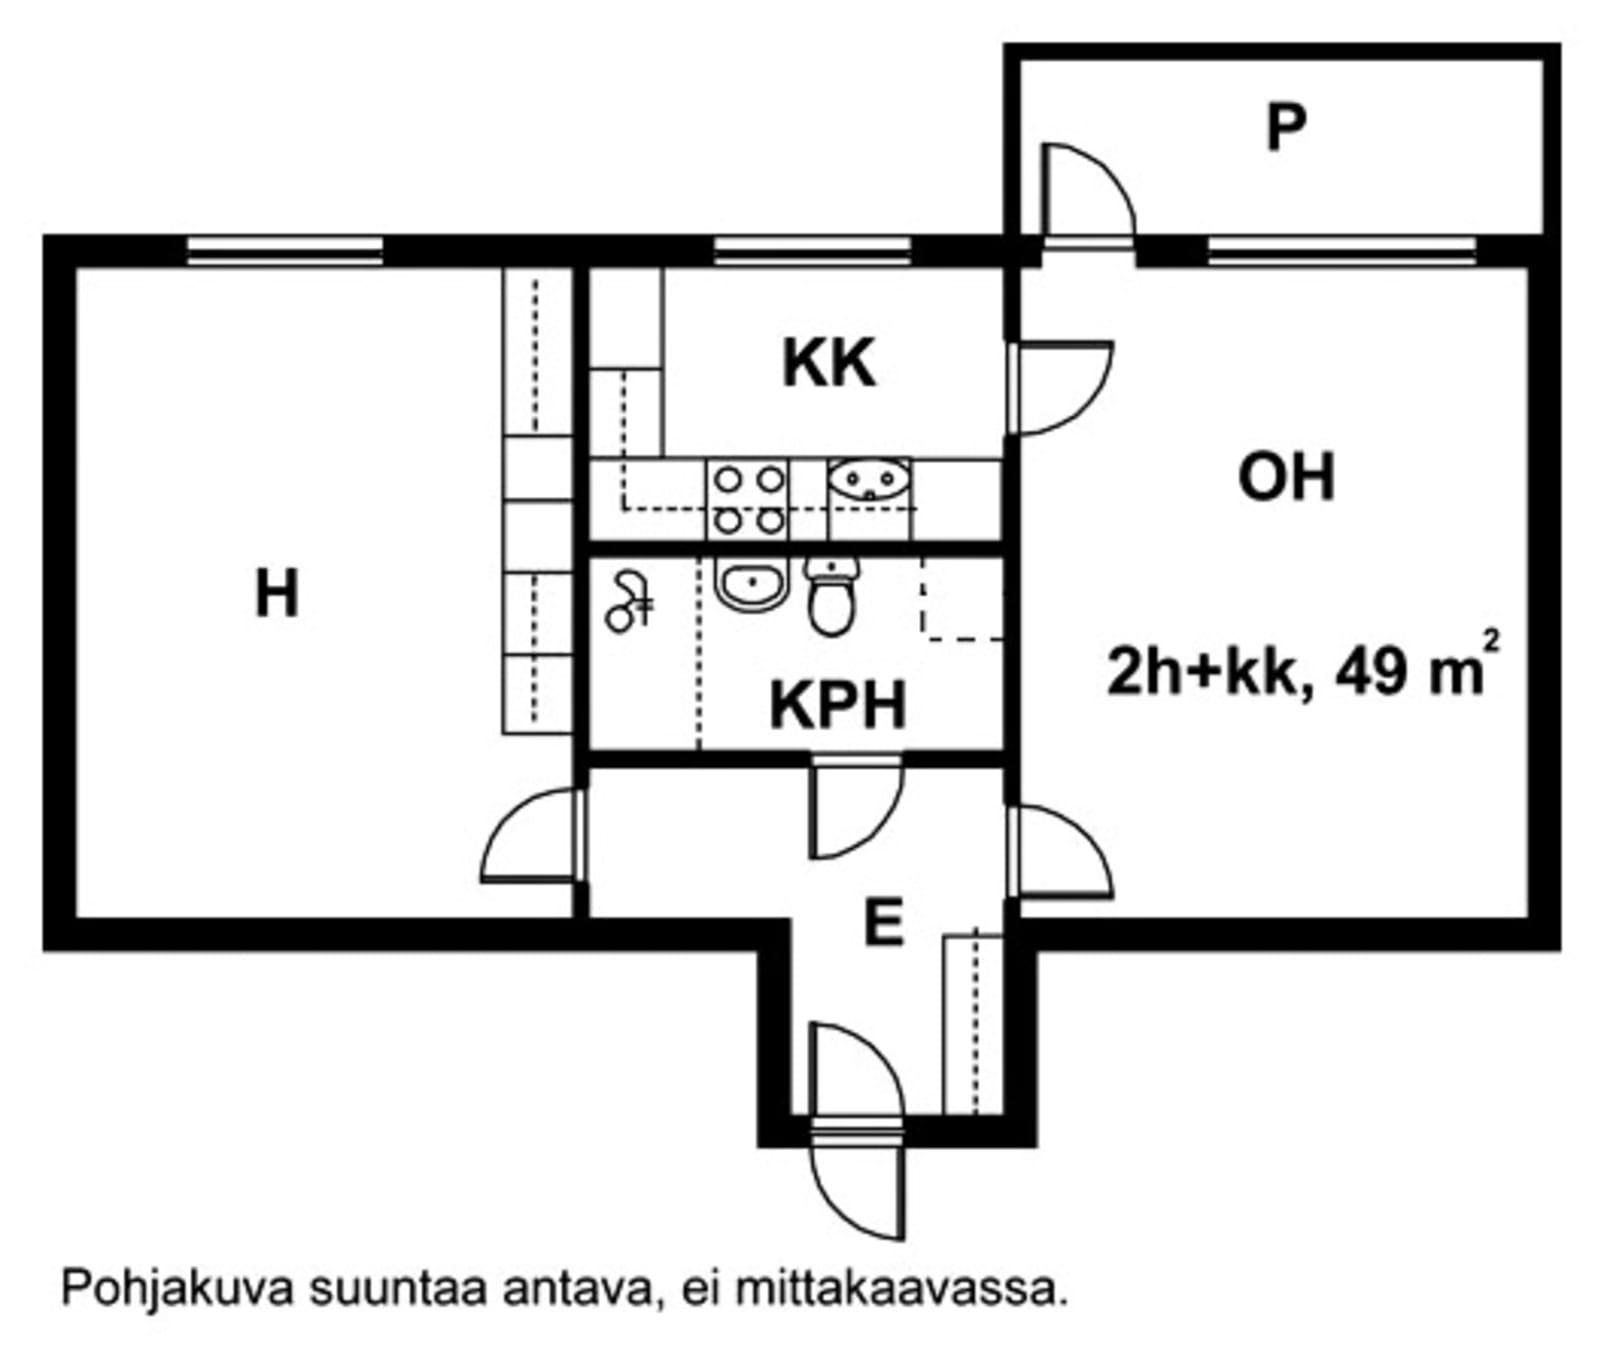 Helsinki, Kannelmäki, Vetelintie 5 B 020